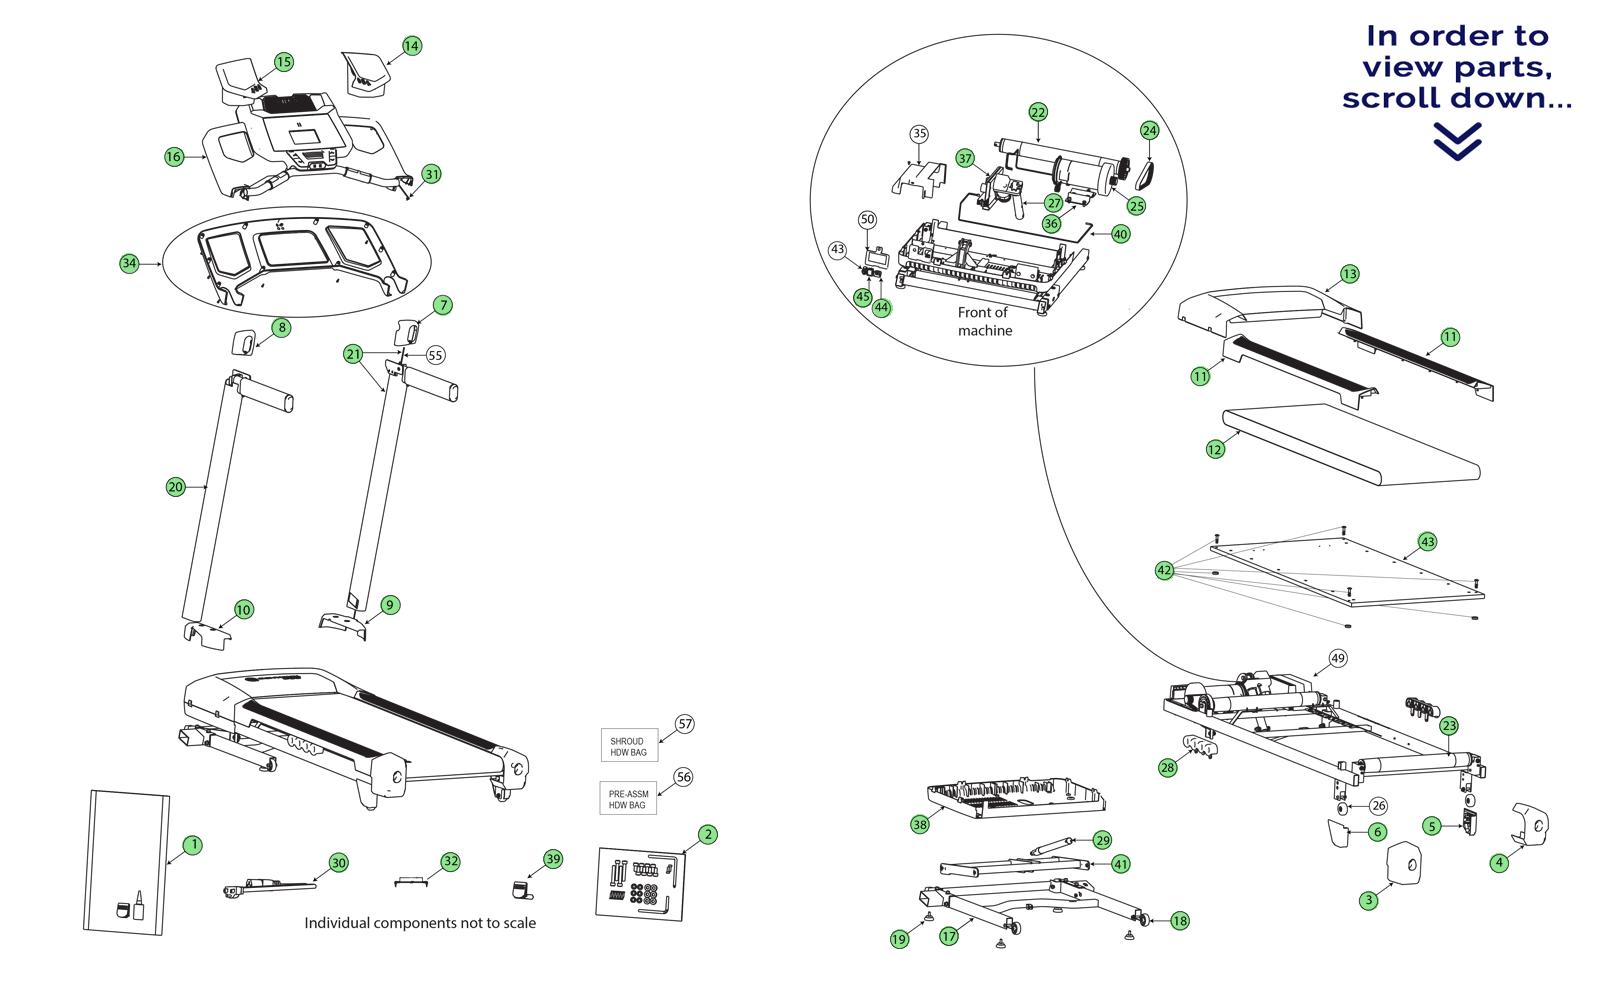 Used Proform Treadmill Parts